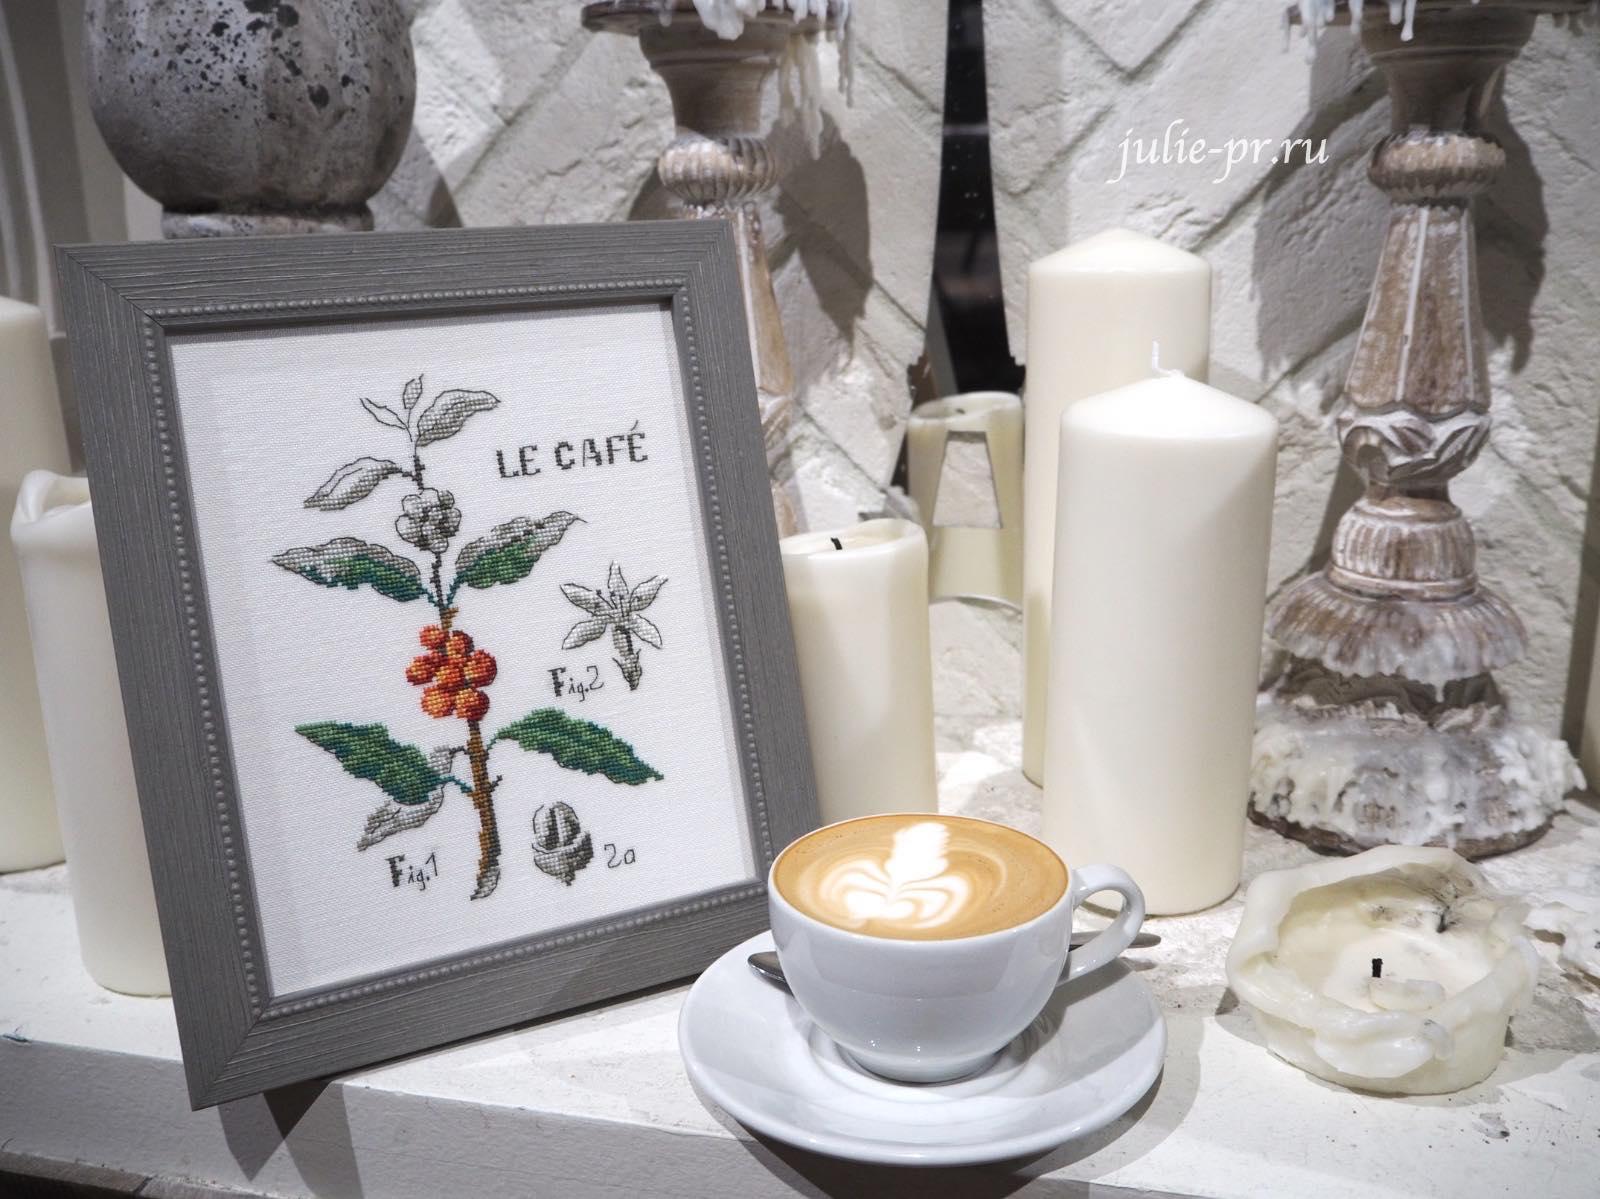 вышивка крестом, Veronique Enginger, кофе, ботаника, ботанический этюд, Кофейная ботаника, Etude Botanique Cafe